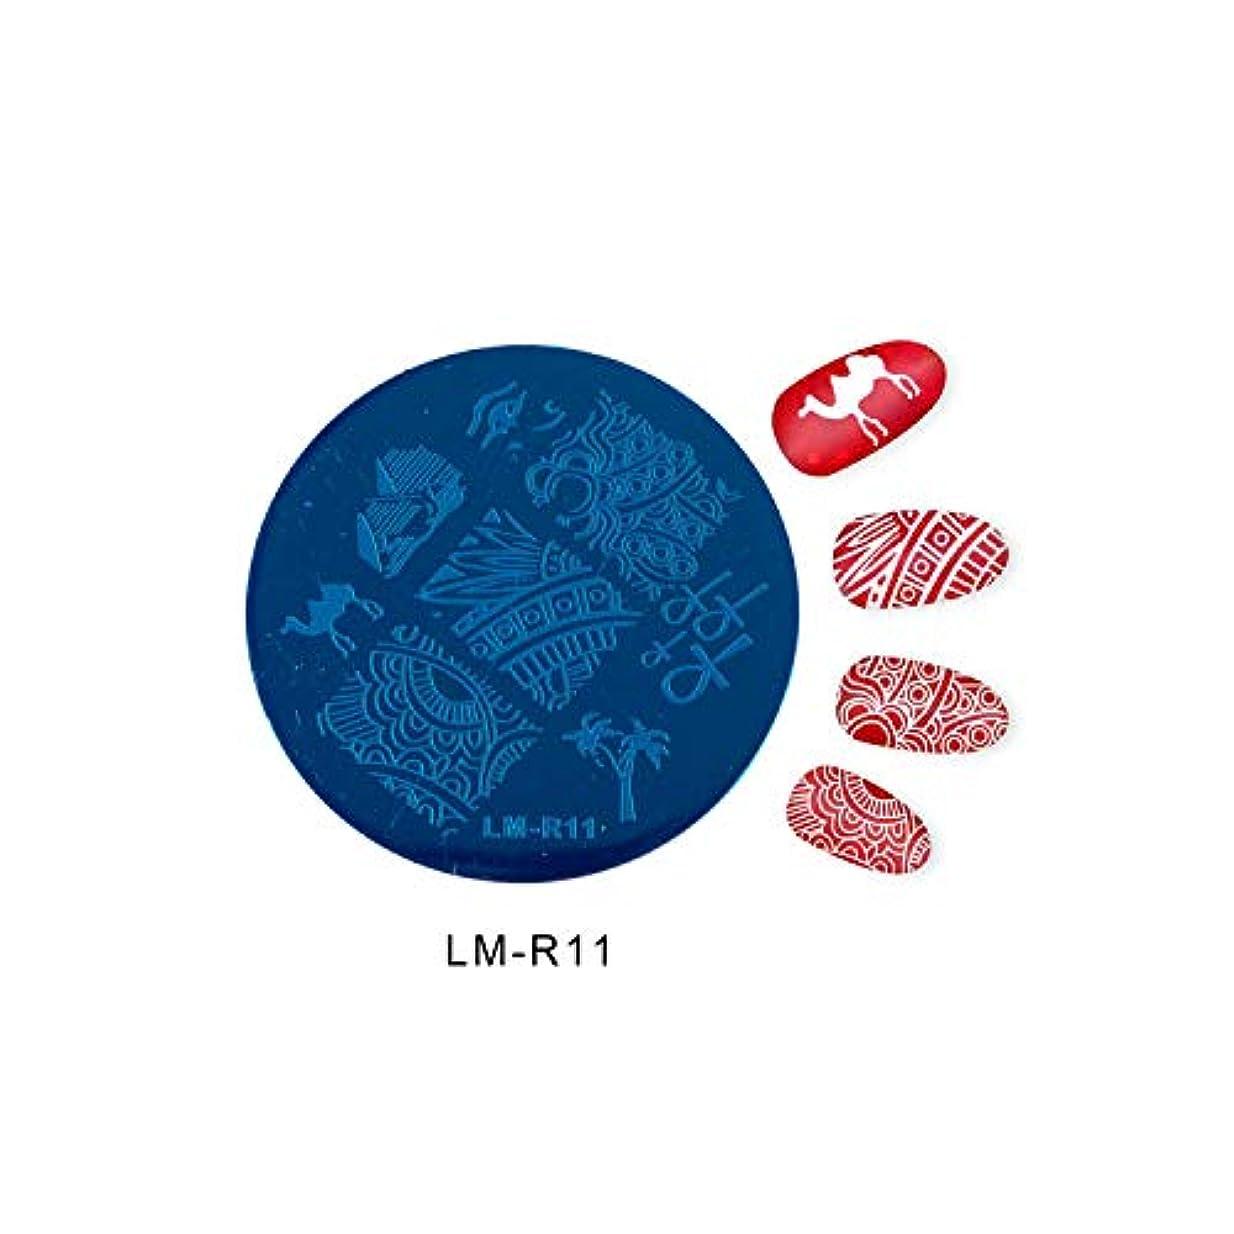 香ばしい精通した閲覧するネイルスタンピングテンプレートプレート花動物柄ラウンドレースネイルアートスタンピングテンプレートイメージプレートステンシル,LM11R